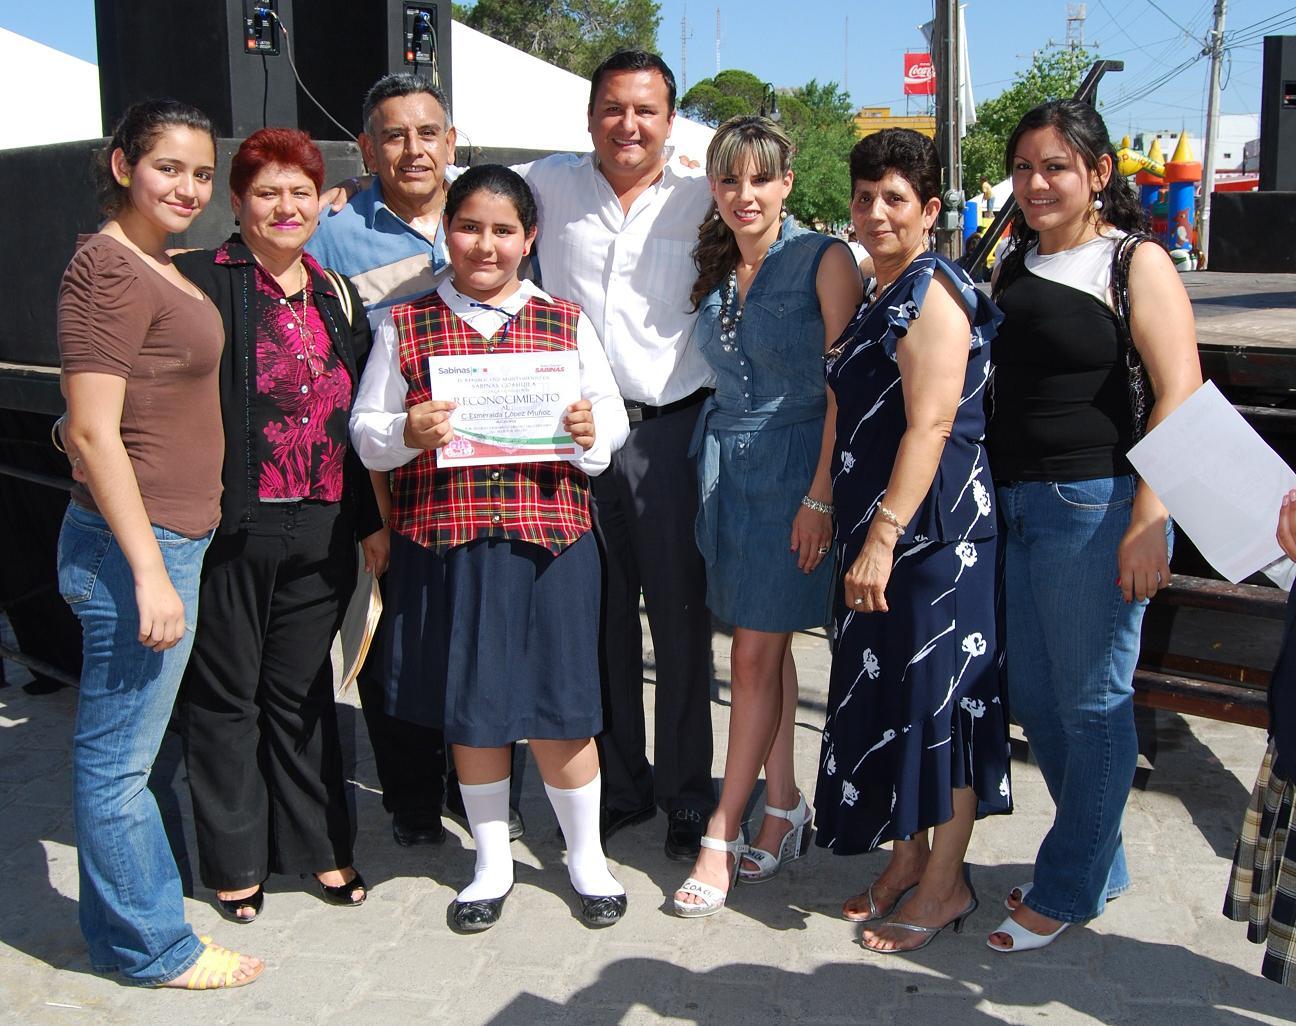 http://4.bp.blogspot.com/_eWWV92kbjeY/S93-JNHEOeI/AAAAAAAAHGU/35V4k-5IlZ4/s1600/LA+FAMILIA+DE+LA+ALCALDESA+POR+UN+DIA+CON+EL+PRESIDENTE+MUNICIPAL+Y+SU+ESPOSA..JPG